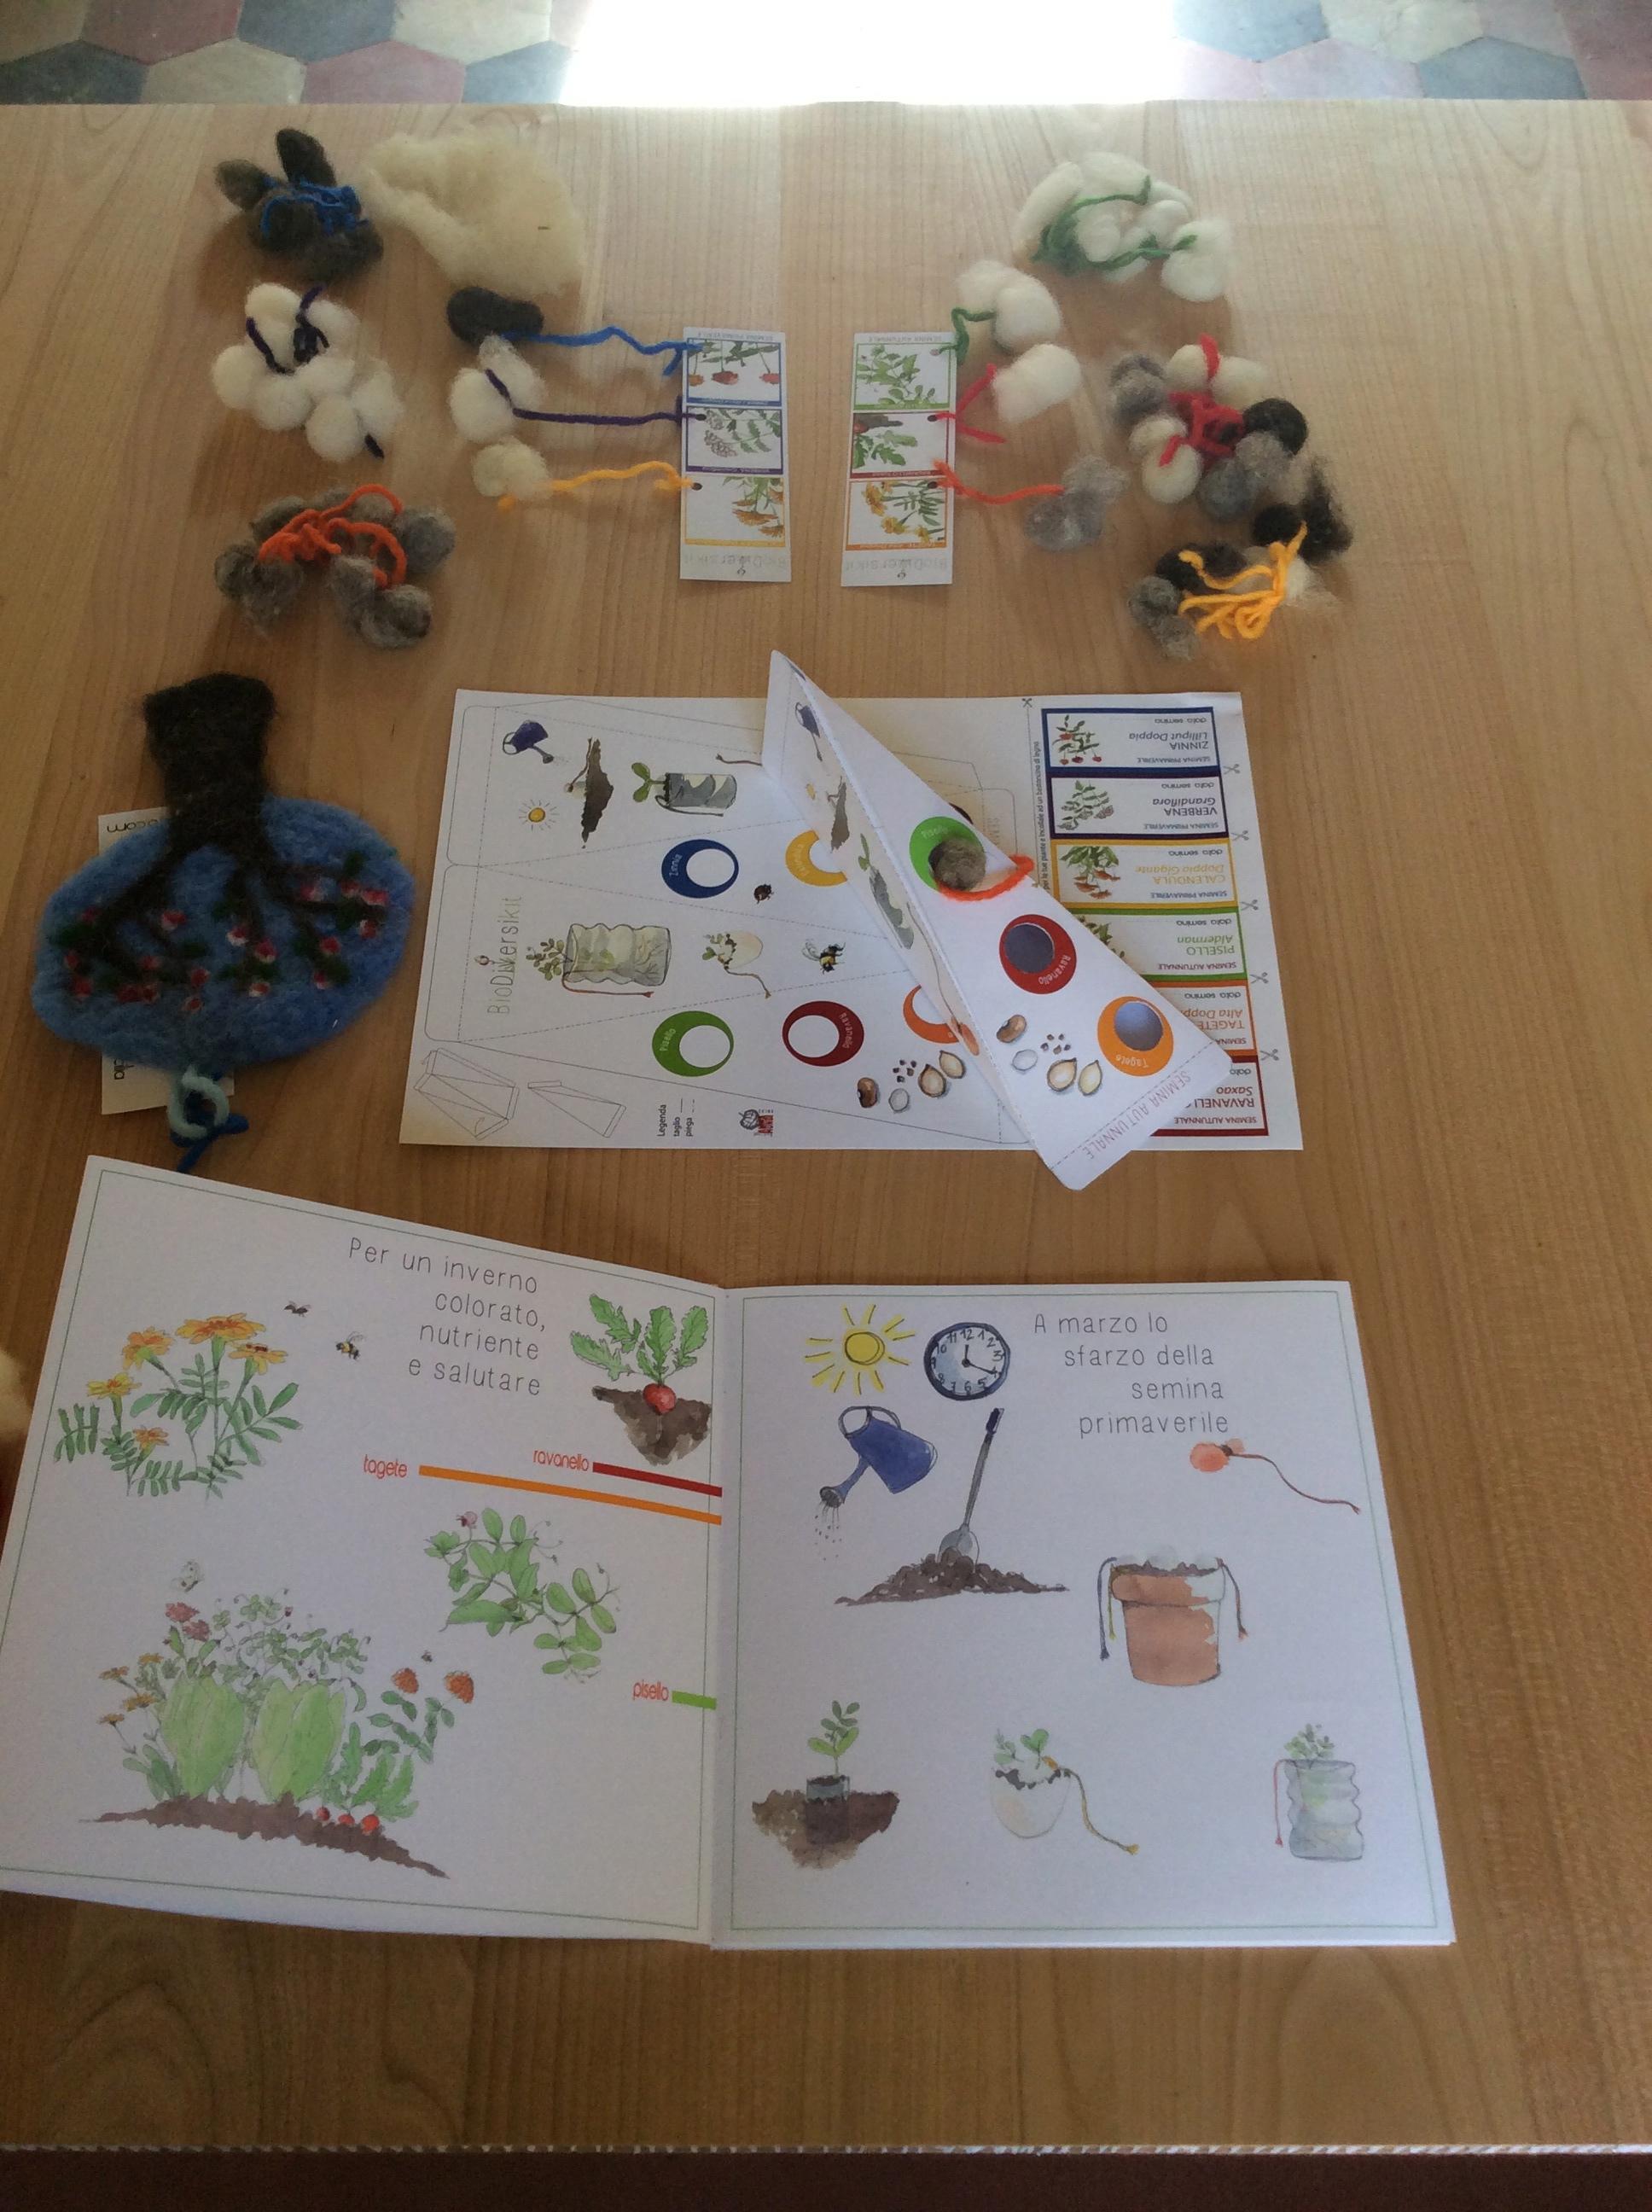 Biodiversikit